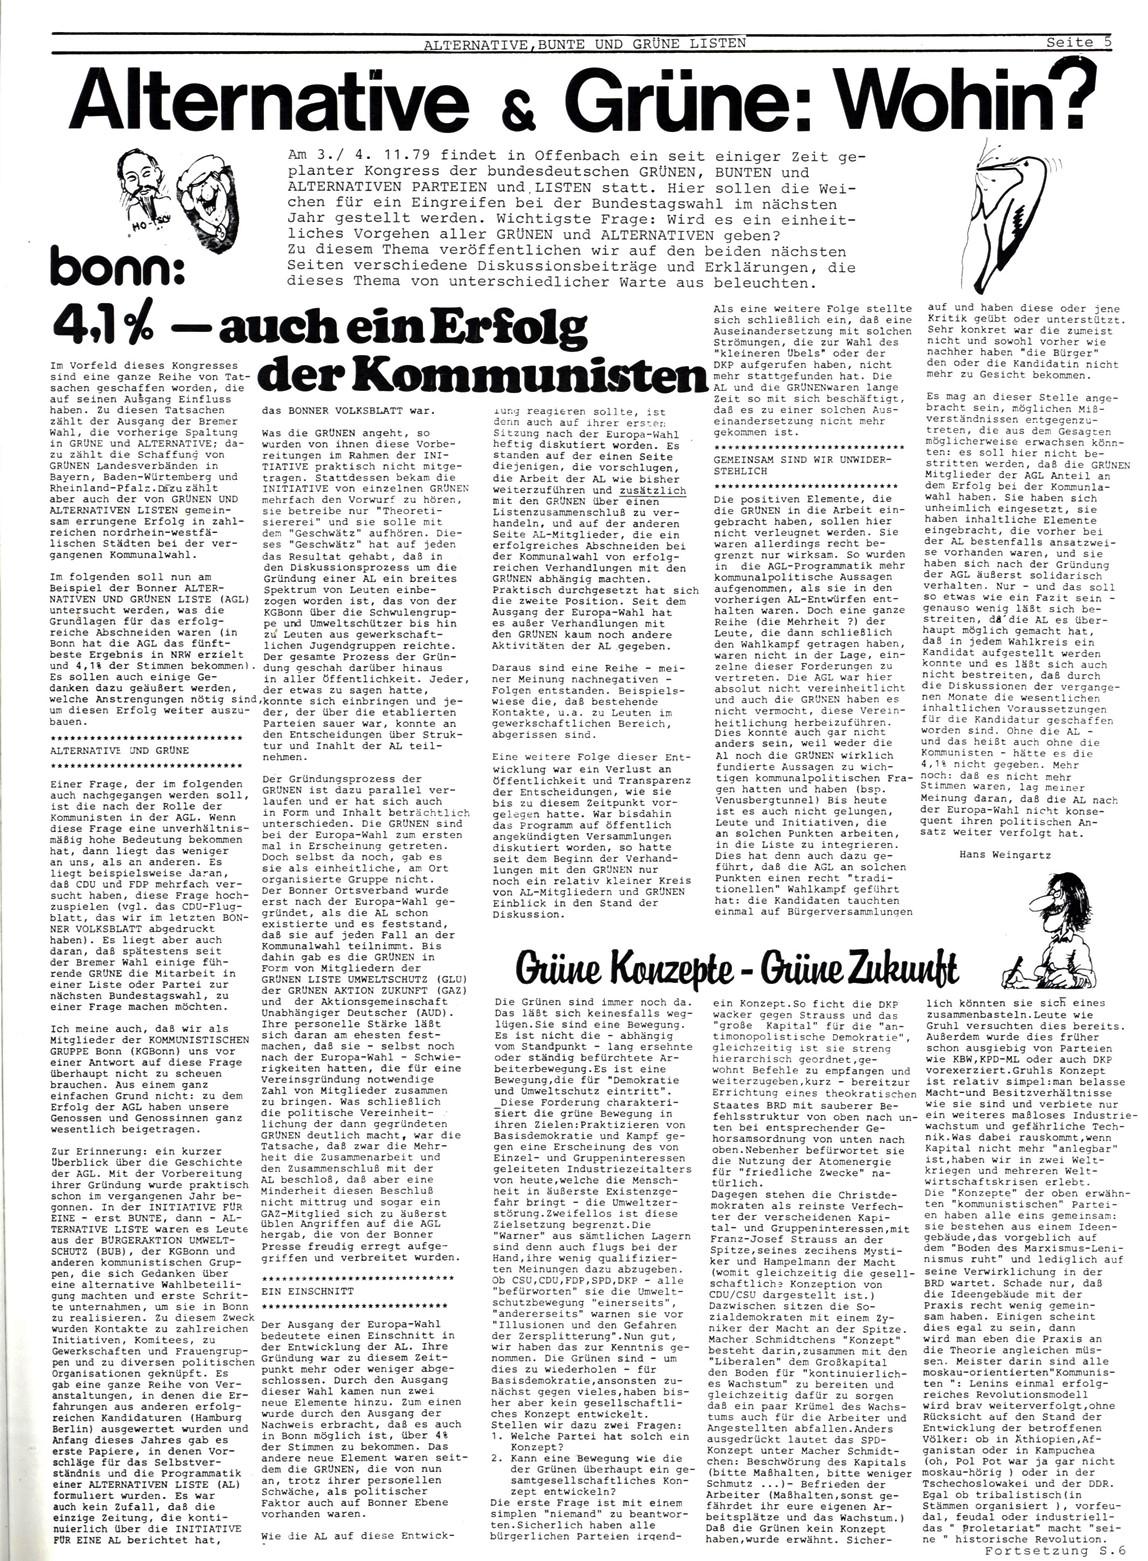 Bonner_Volksblatt_29_19791031_05